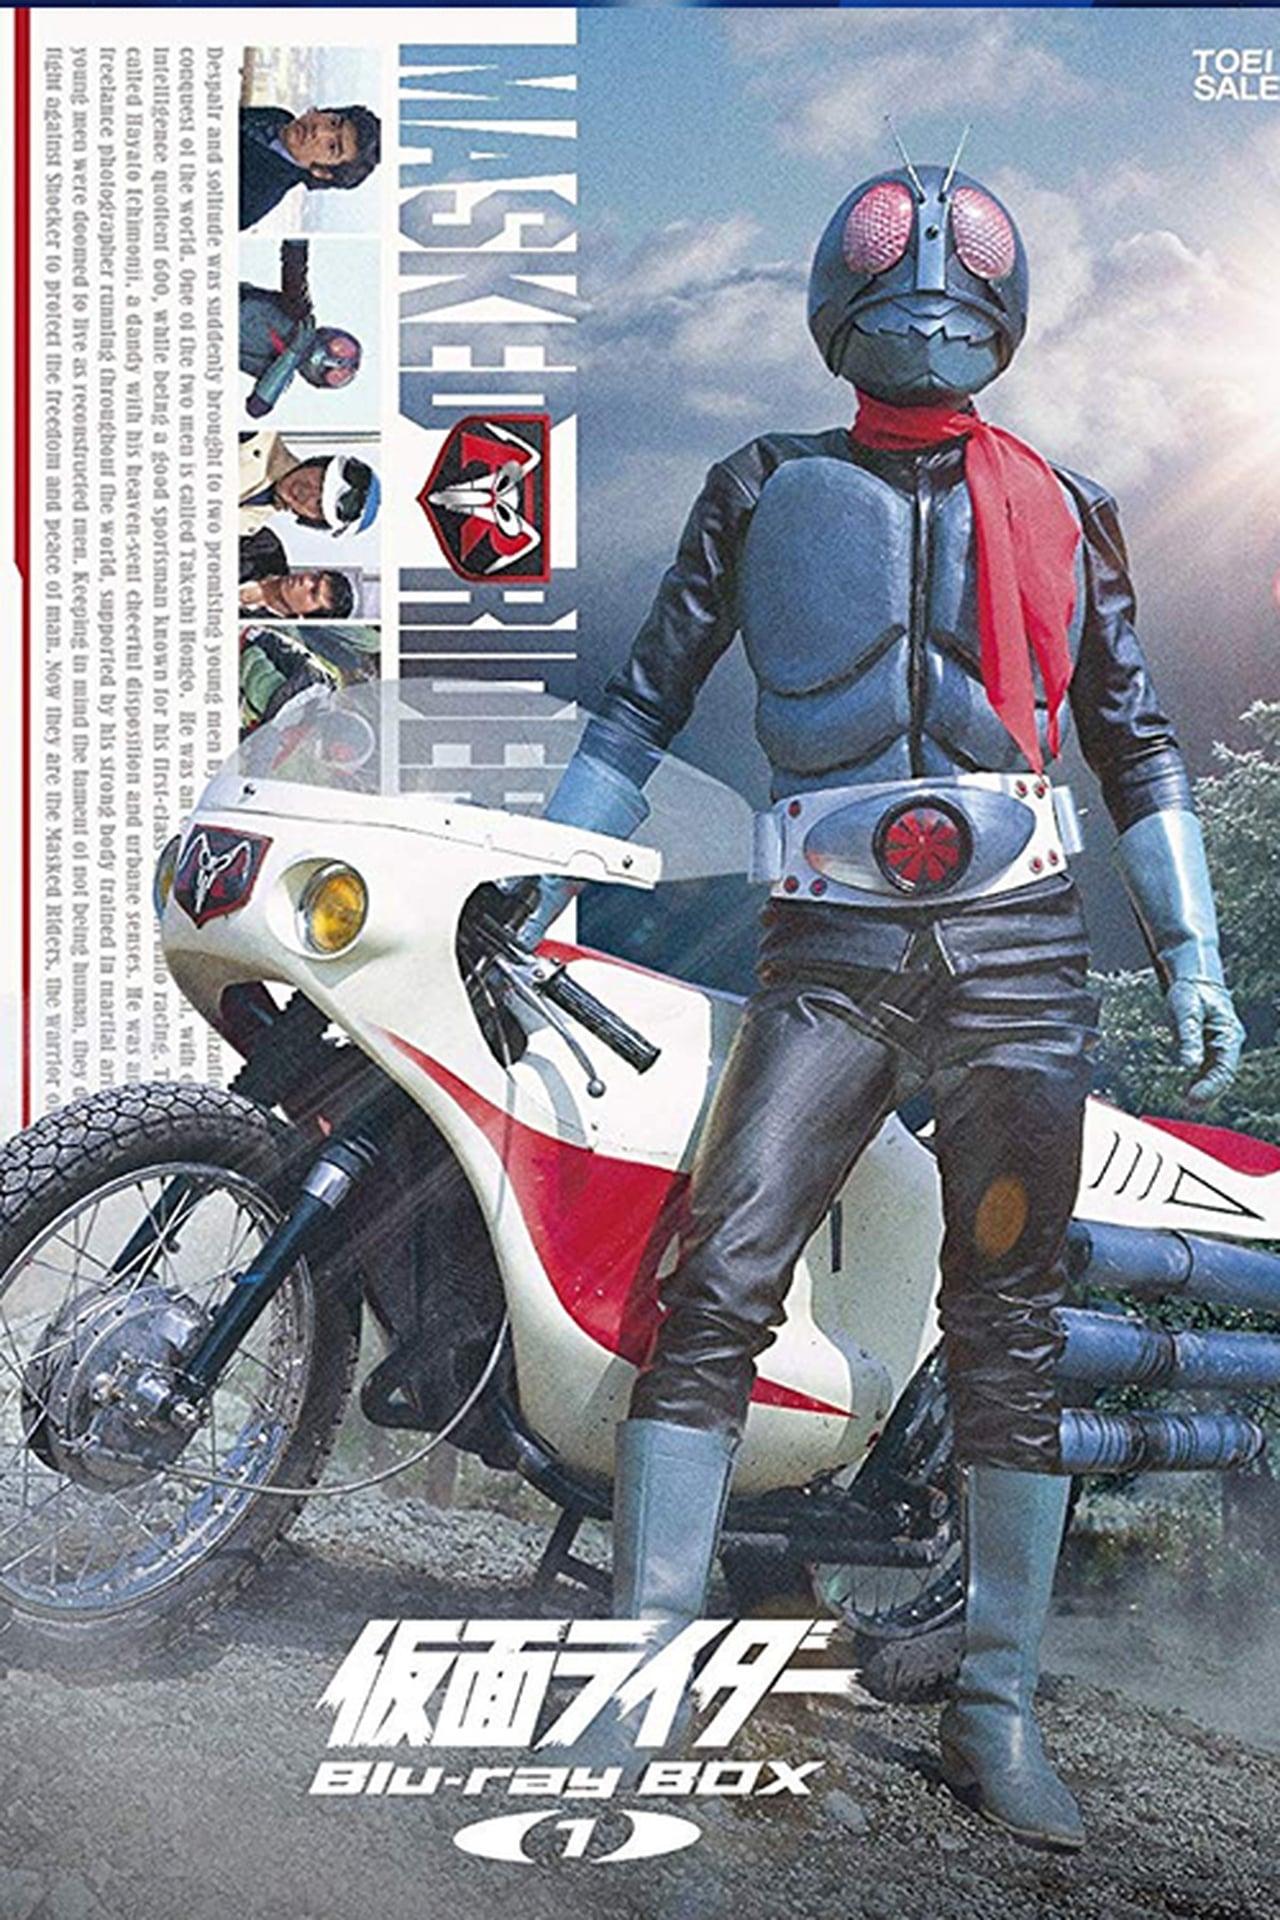 Kamen Rider Season 9 Episode 11 : The Scraps' Revolt